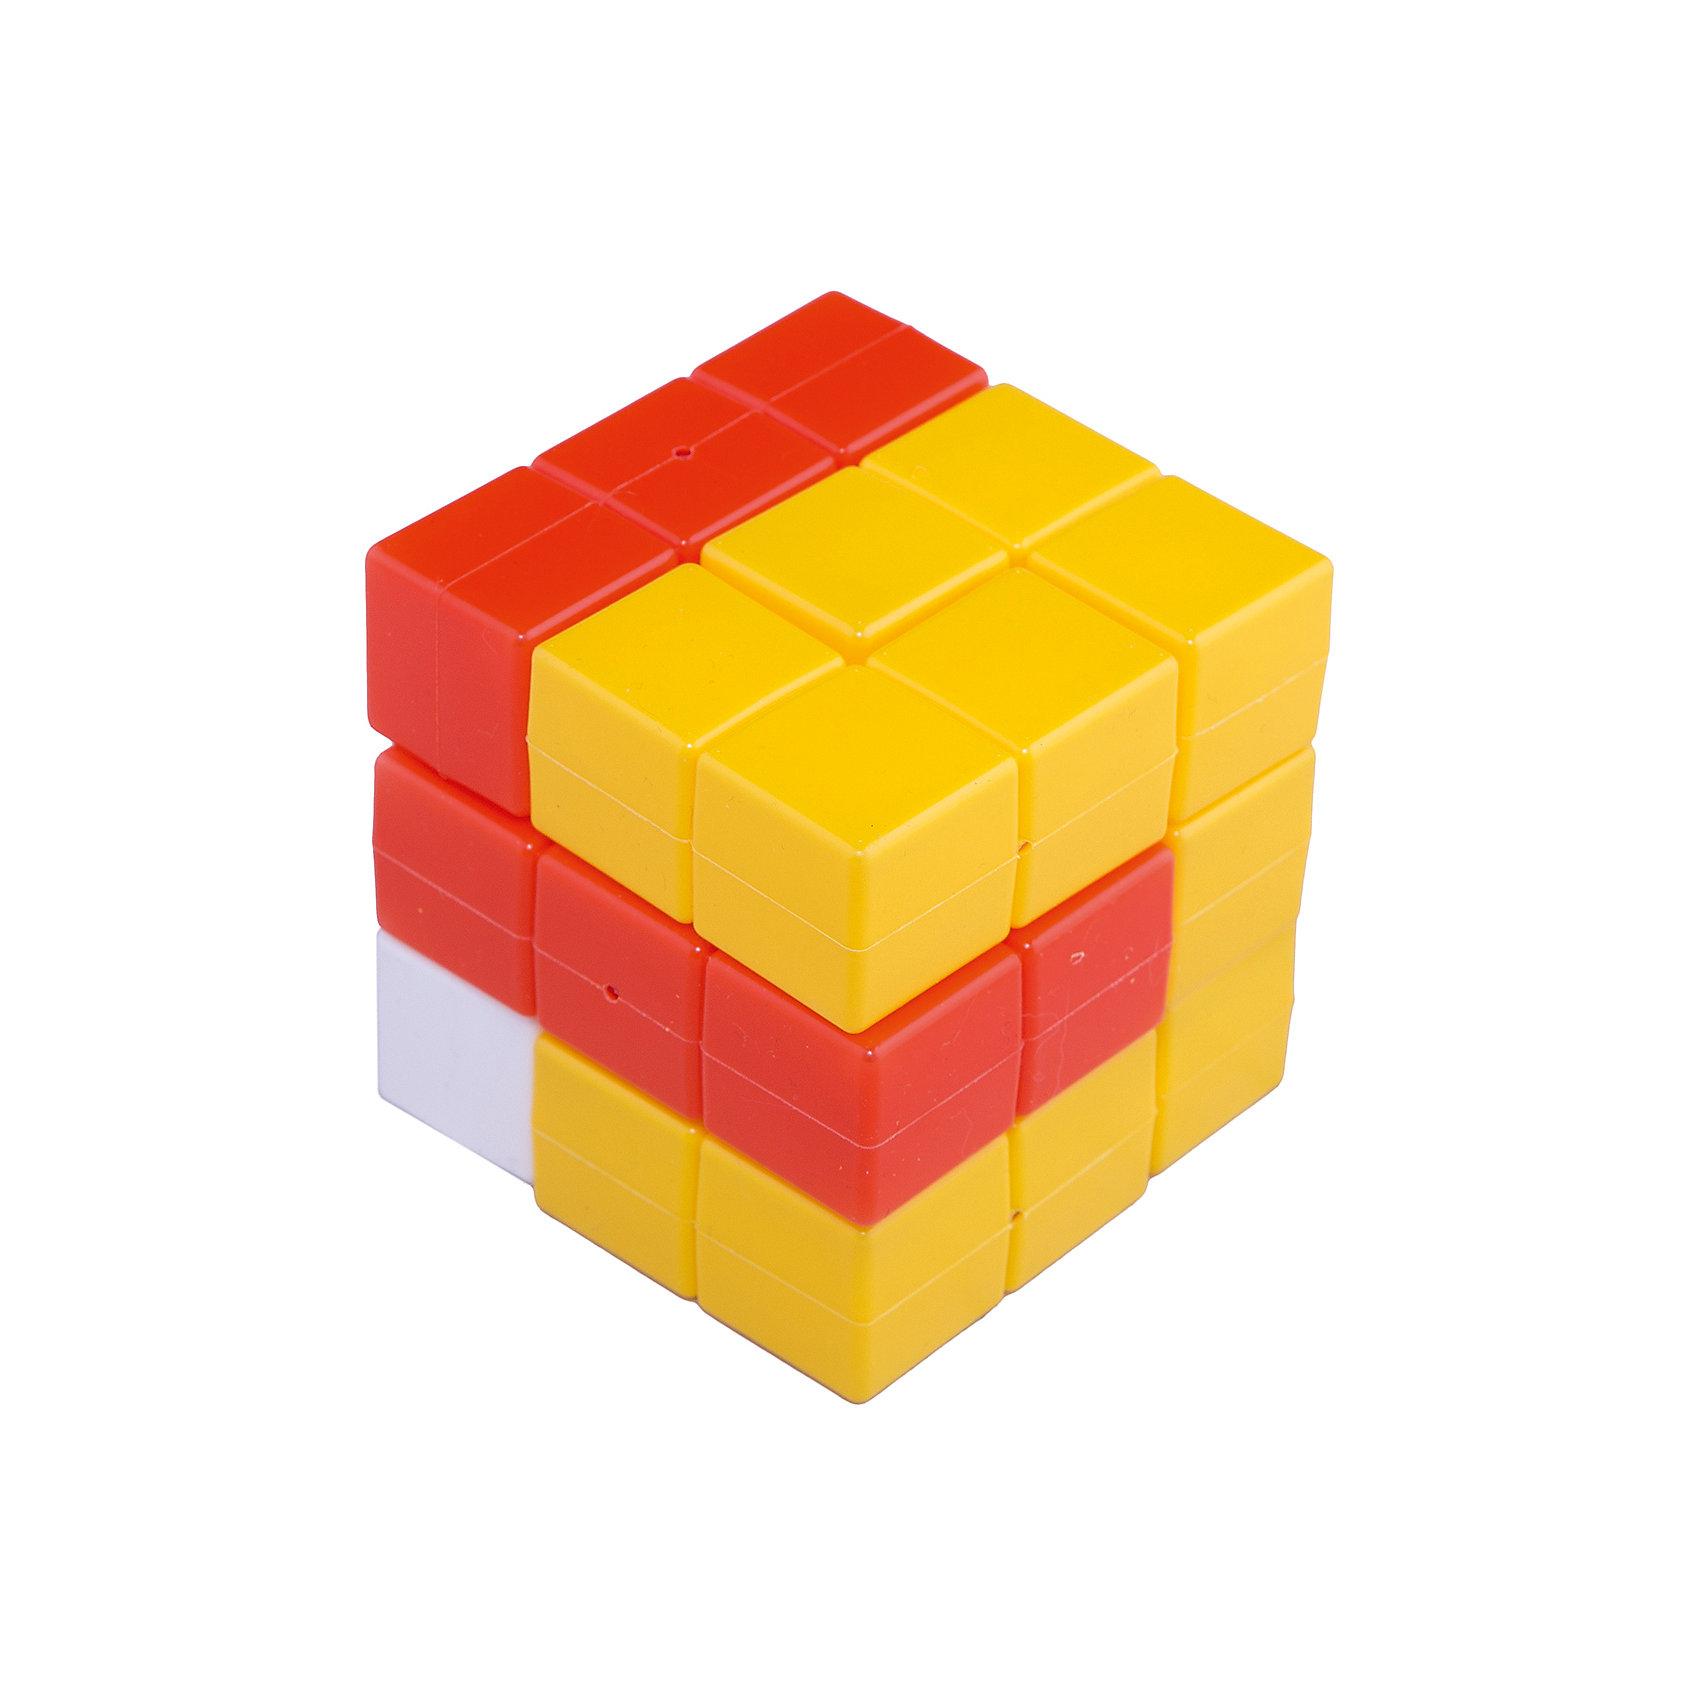 Развивающая игра «Эврика. Кубики для всех»Описание: В состав каждой игры входят 27 отдельных кубиков, соединённых между собой определенным образом, в результате чего получаются фигуры разной конфигурации. Вариант №3 состоит из восьми фигур: пять «уголков», две фигуры похожих на букву «Г» и одна фигура похожая на букву «Т». Из набора фигур можно сложить огромное количество красивых построек, а самая главная задача игры: сложить куб 3х3х3 разными способами. Последовательность предлагаемых задач в инструкции условна. Вариант игры Эврика, как и все логические кубики развивают пространственное мышление, воображение, память (особенно зрительную), творческие способности, смекалку и сообразительность.<br><br>Ширина мм: 9<br>Глубина мм: 9<br>Высота мм: 9<br>Вес г: 150<br>Возраст от месяцев: 36<br>Возраст до месяцев: 2147483647<br>Пол: Унисекс<br>Возраст: Детский<br>SKU: 4803018